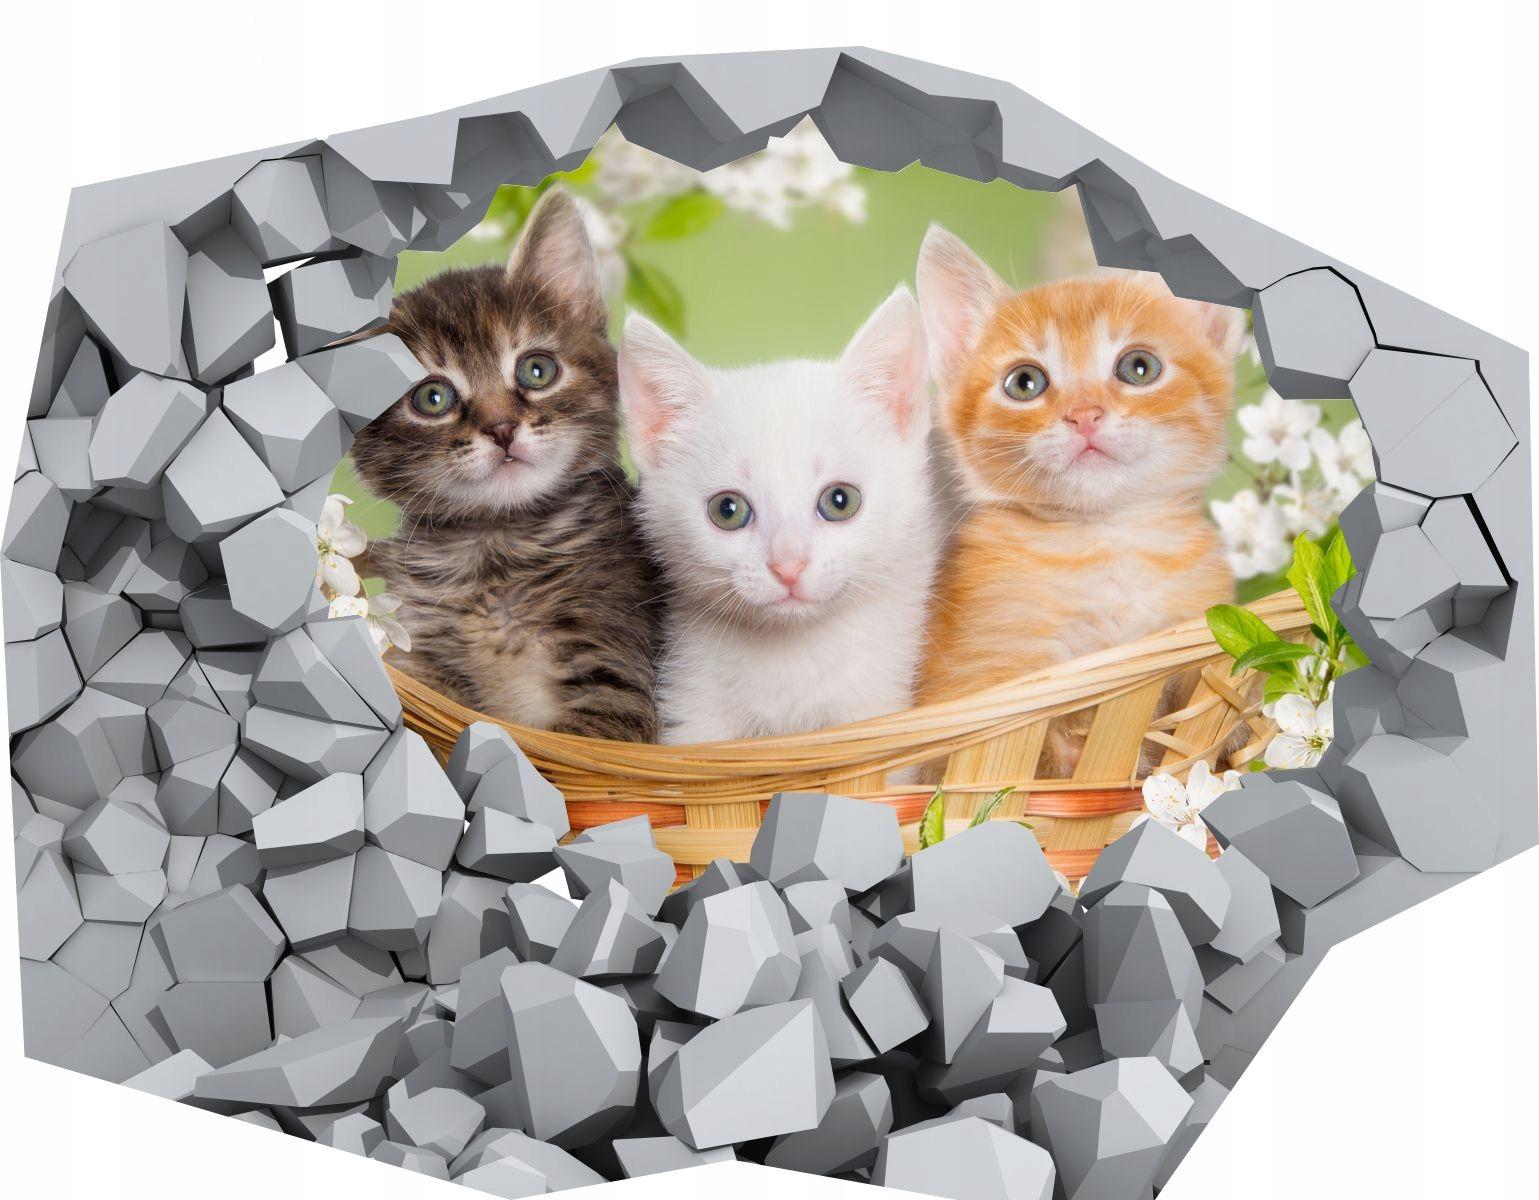 Naklejka Tapeta Samoprzylepna Zwierzęta Koty Pies 6964395407